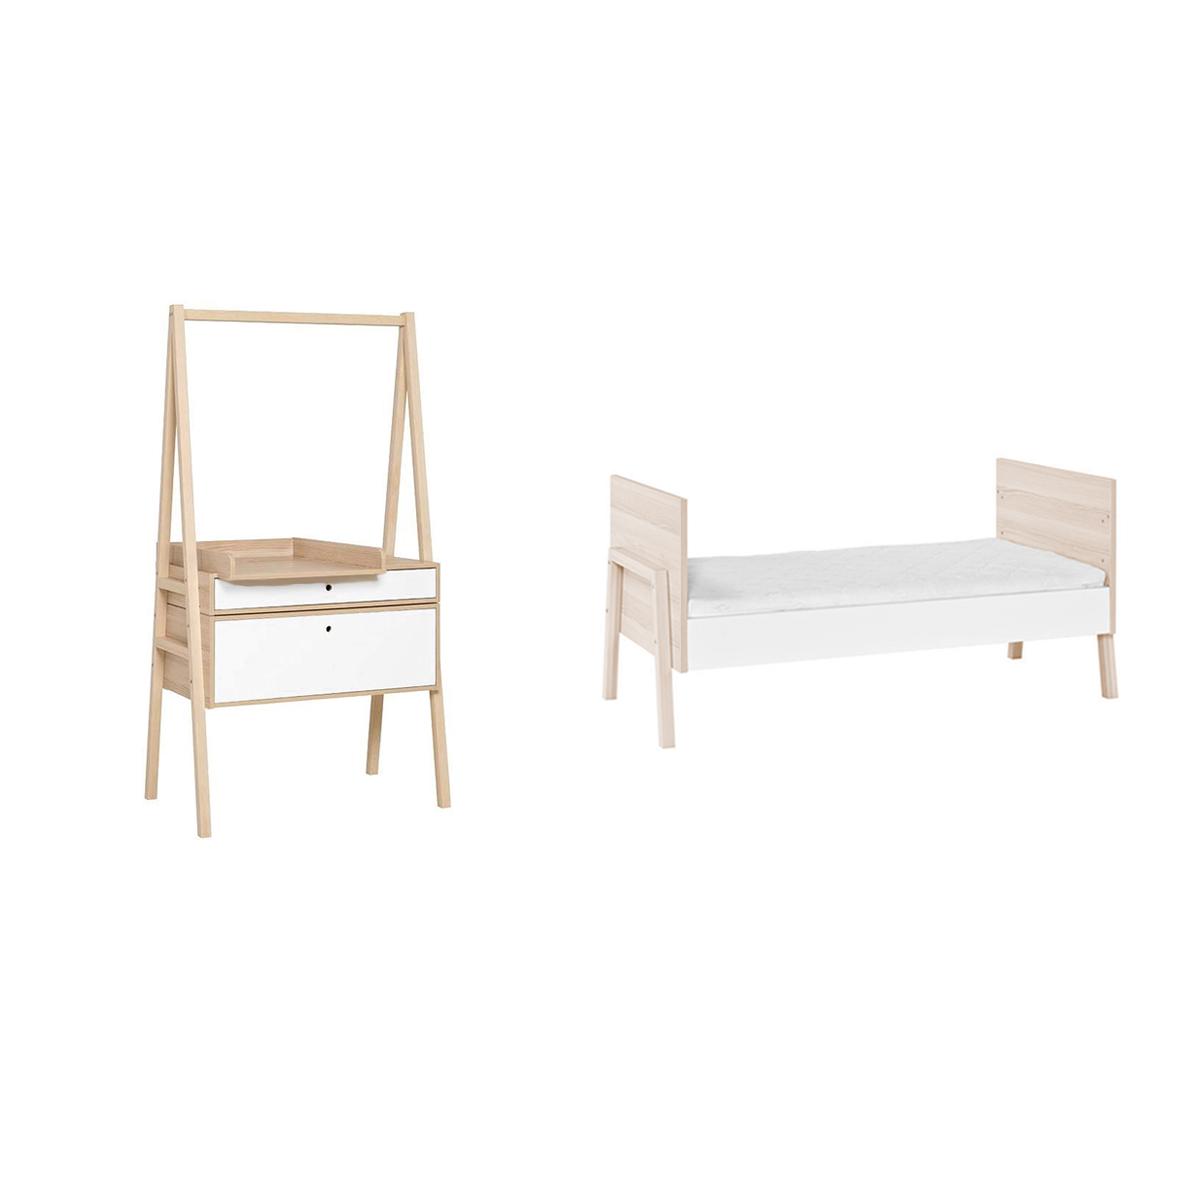 lit volutif 70x140 et commode langer volutive vox spot. Black Bedroom Furniture Sets. Home Design Ideas